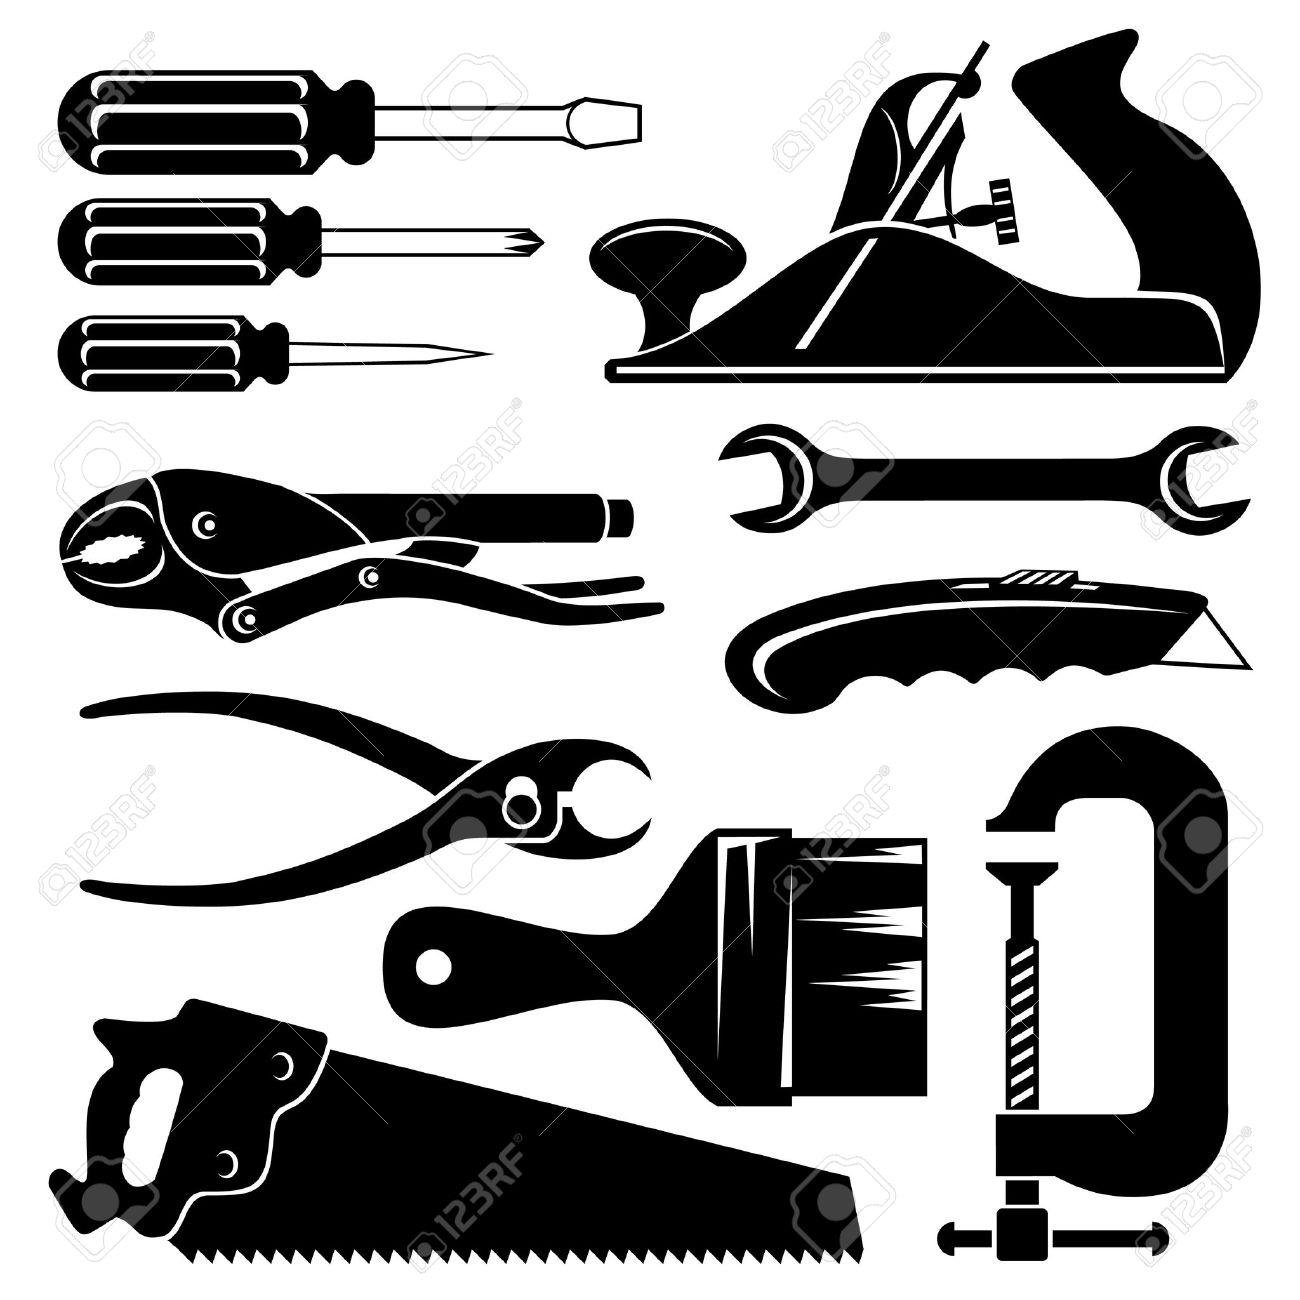 set of silhouette icons of hand tools royalty free cliparts vectors rh 123rf com Tools Clip Art hand tool vectors